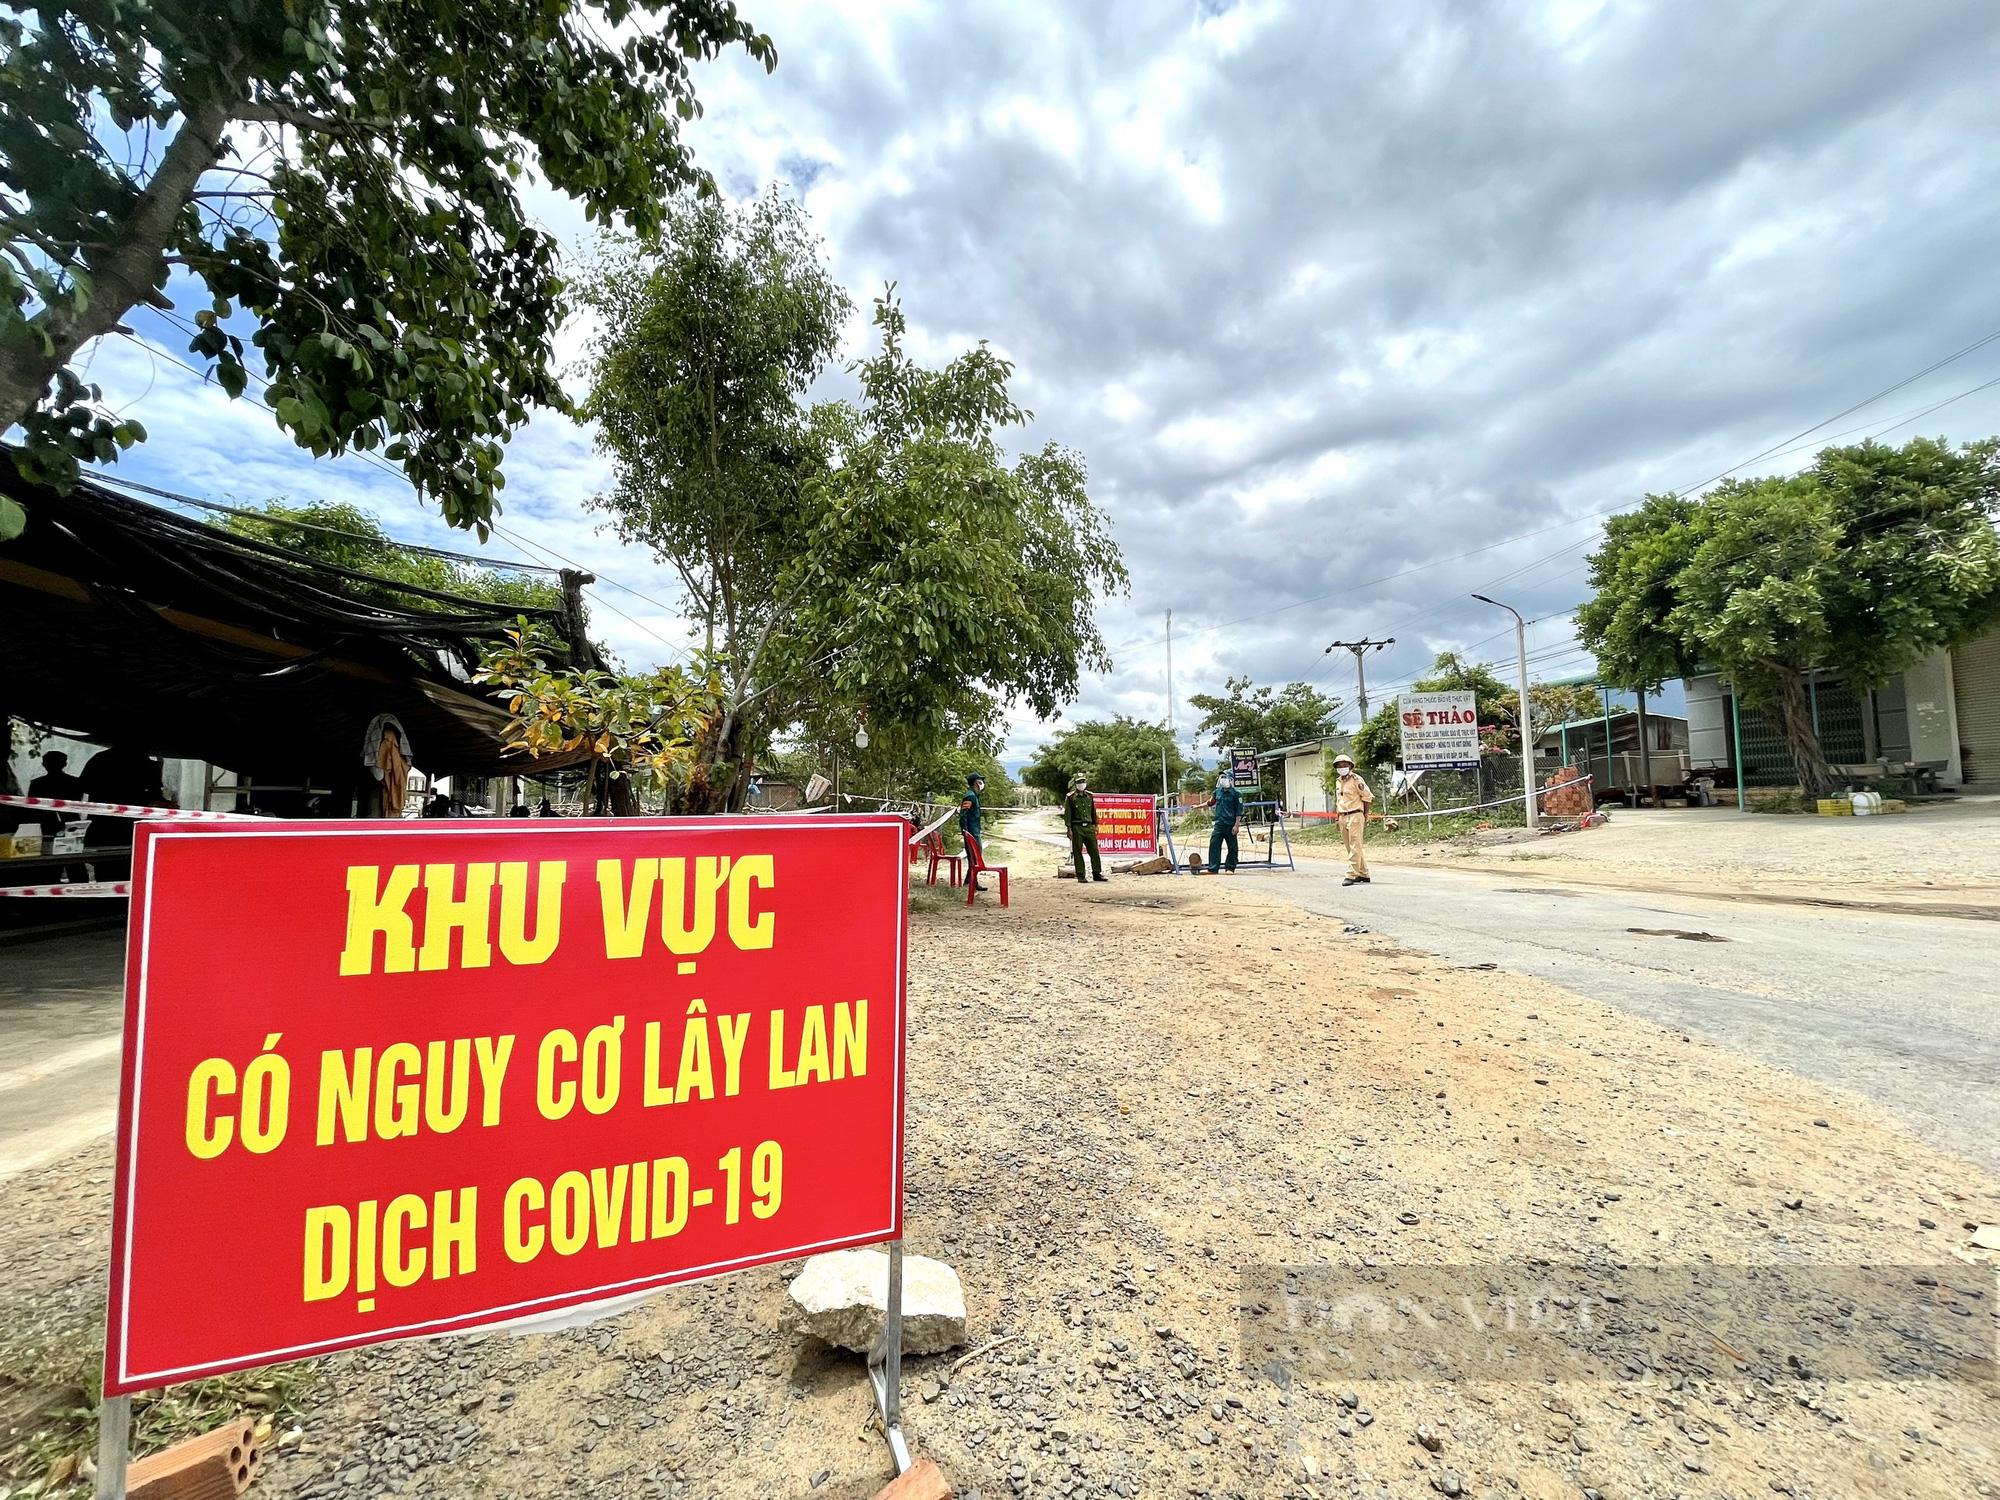 Đắk Lắk: Khởi tố vụ án vì làm lây lan dịch bệnh cho nhiều người ở huyện vùng sâu - Ảnh 1.